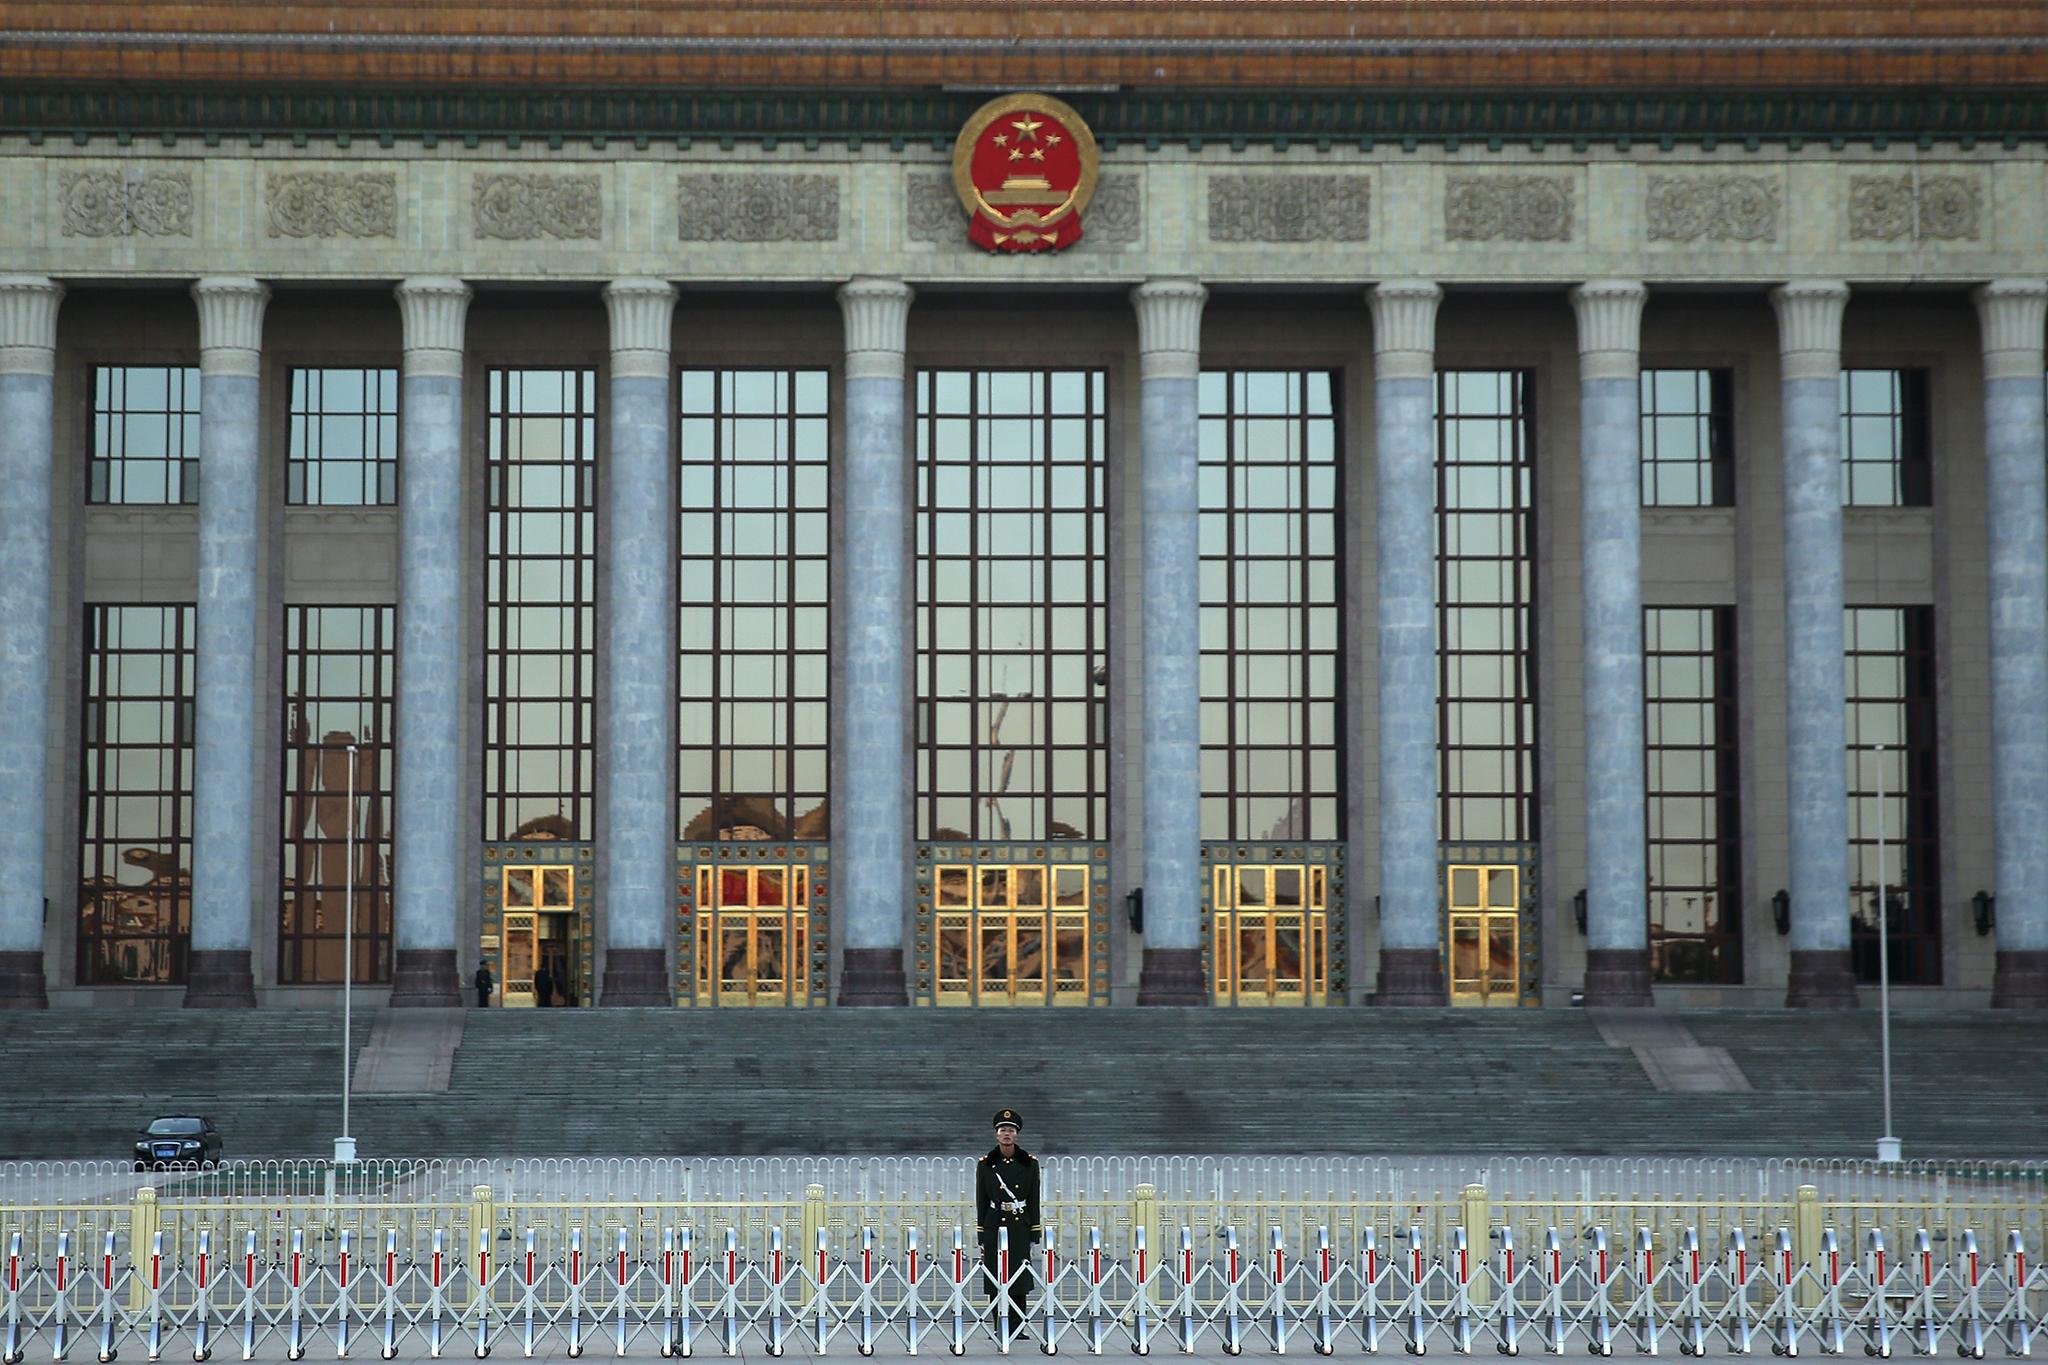 Opinião da Xinhua condena proteccionismo no Fórum da Paz